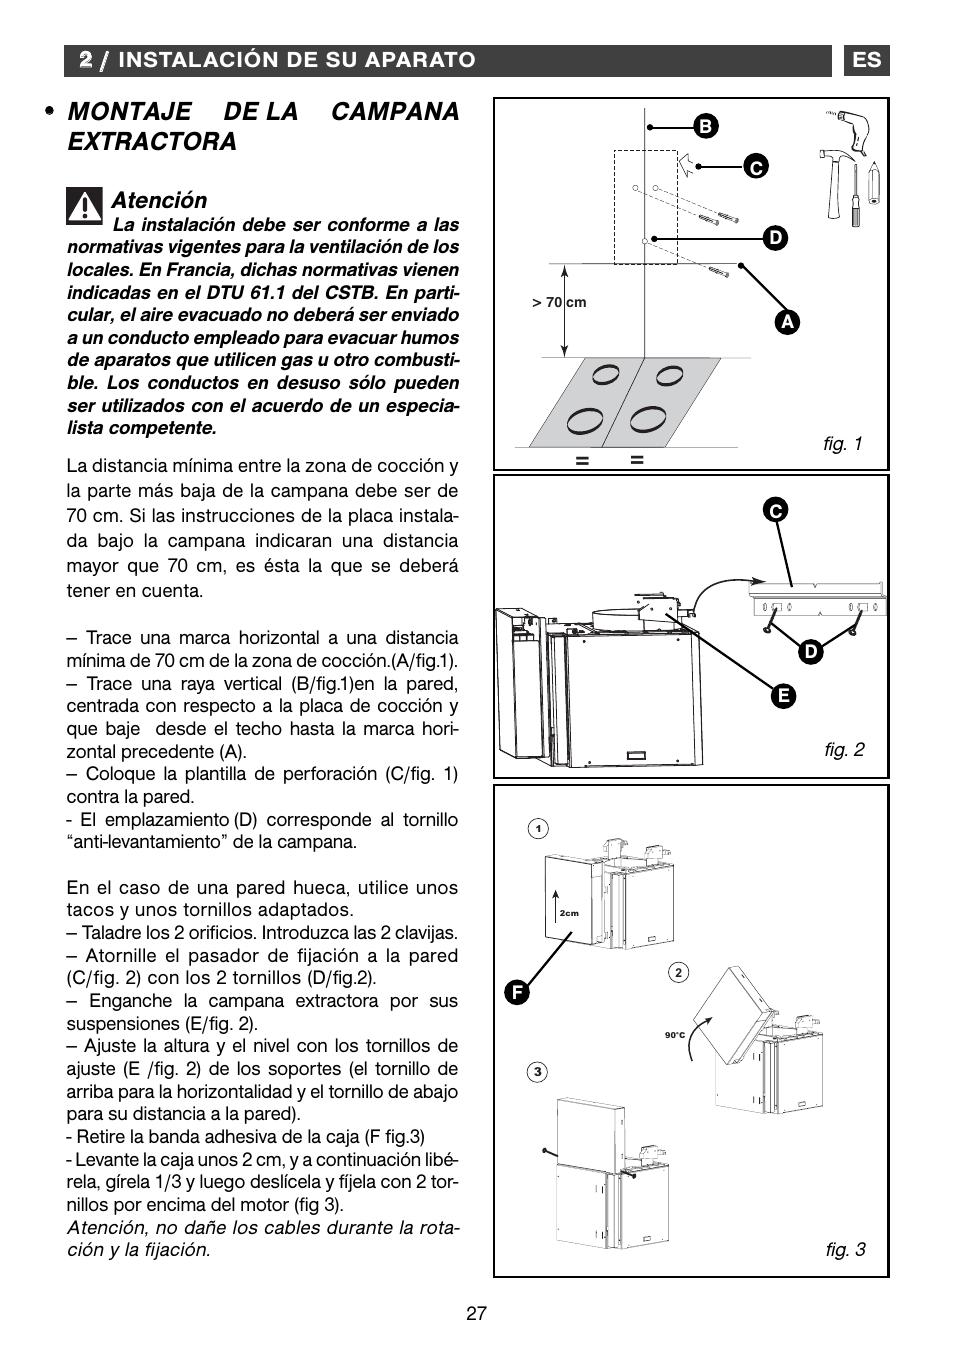 Montaje de la campana extractora atenci n fagor cfb - Instalacion campana extractora ...